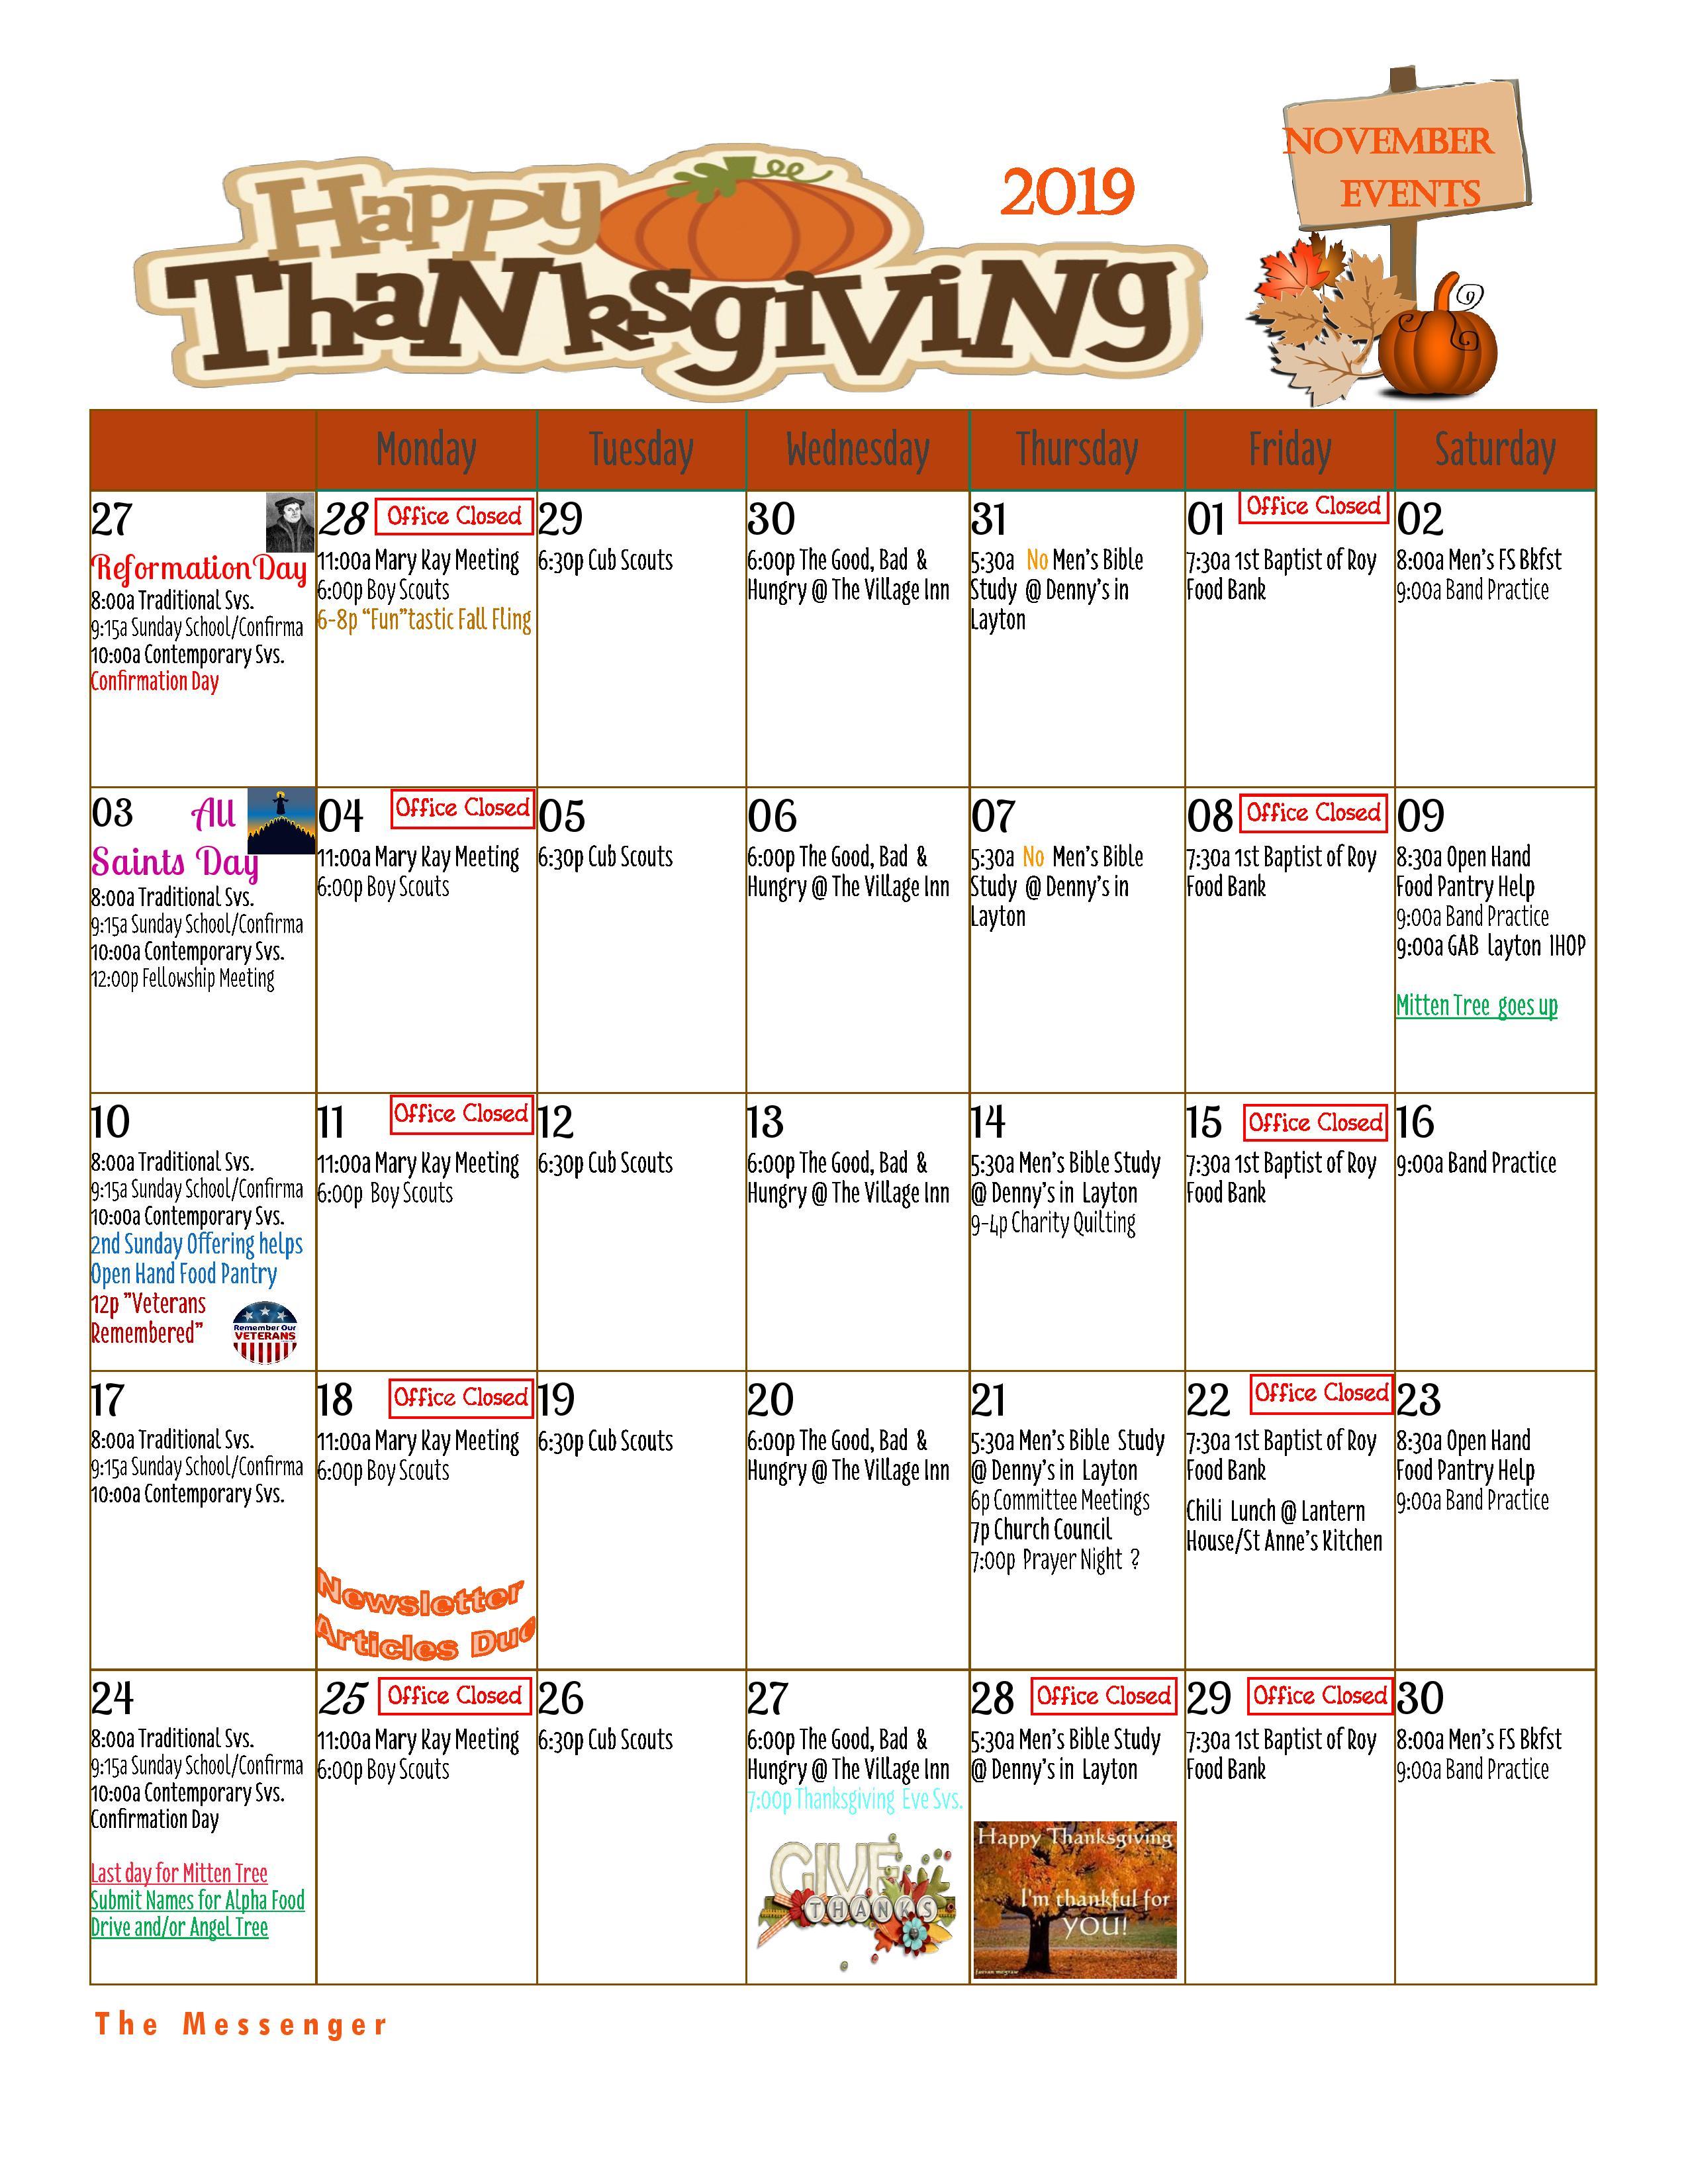 November-page-006